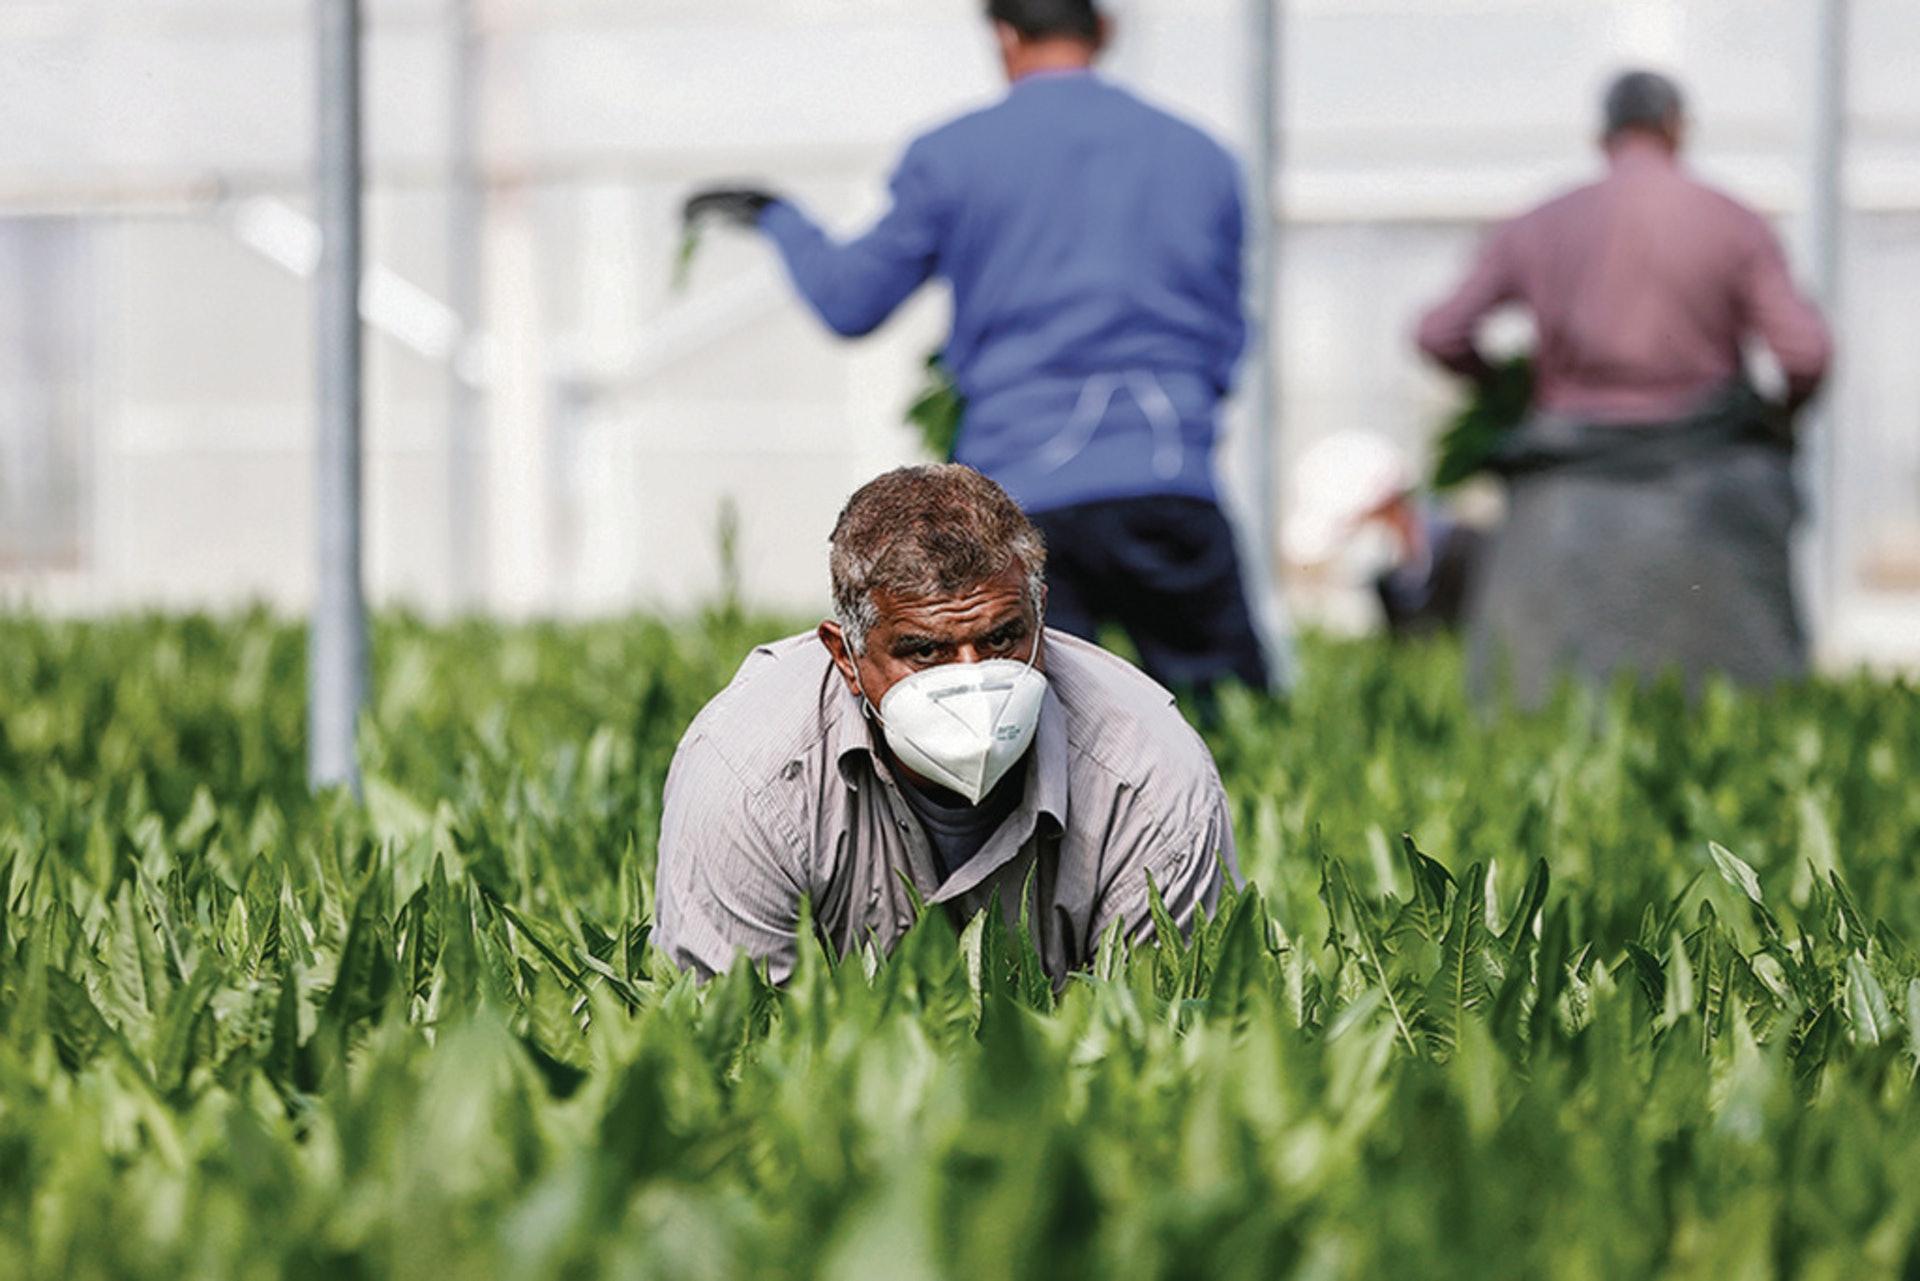 西歐及北歐多國每年都需要大量季節性勞工協助收割農作物,但今年因為封關,人手嚴重不足。(美聯社)